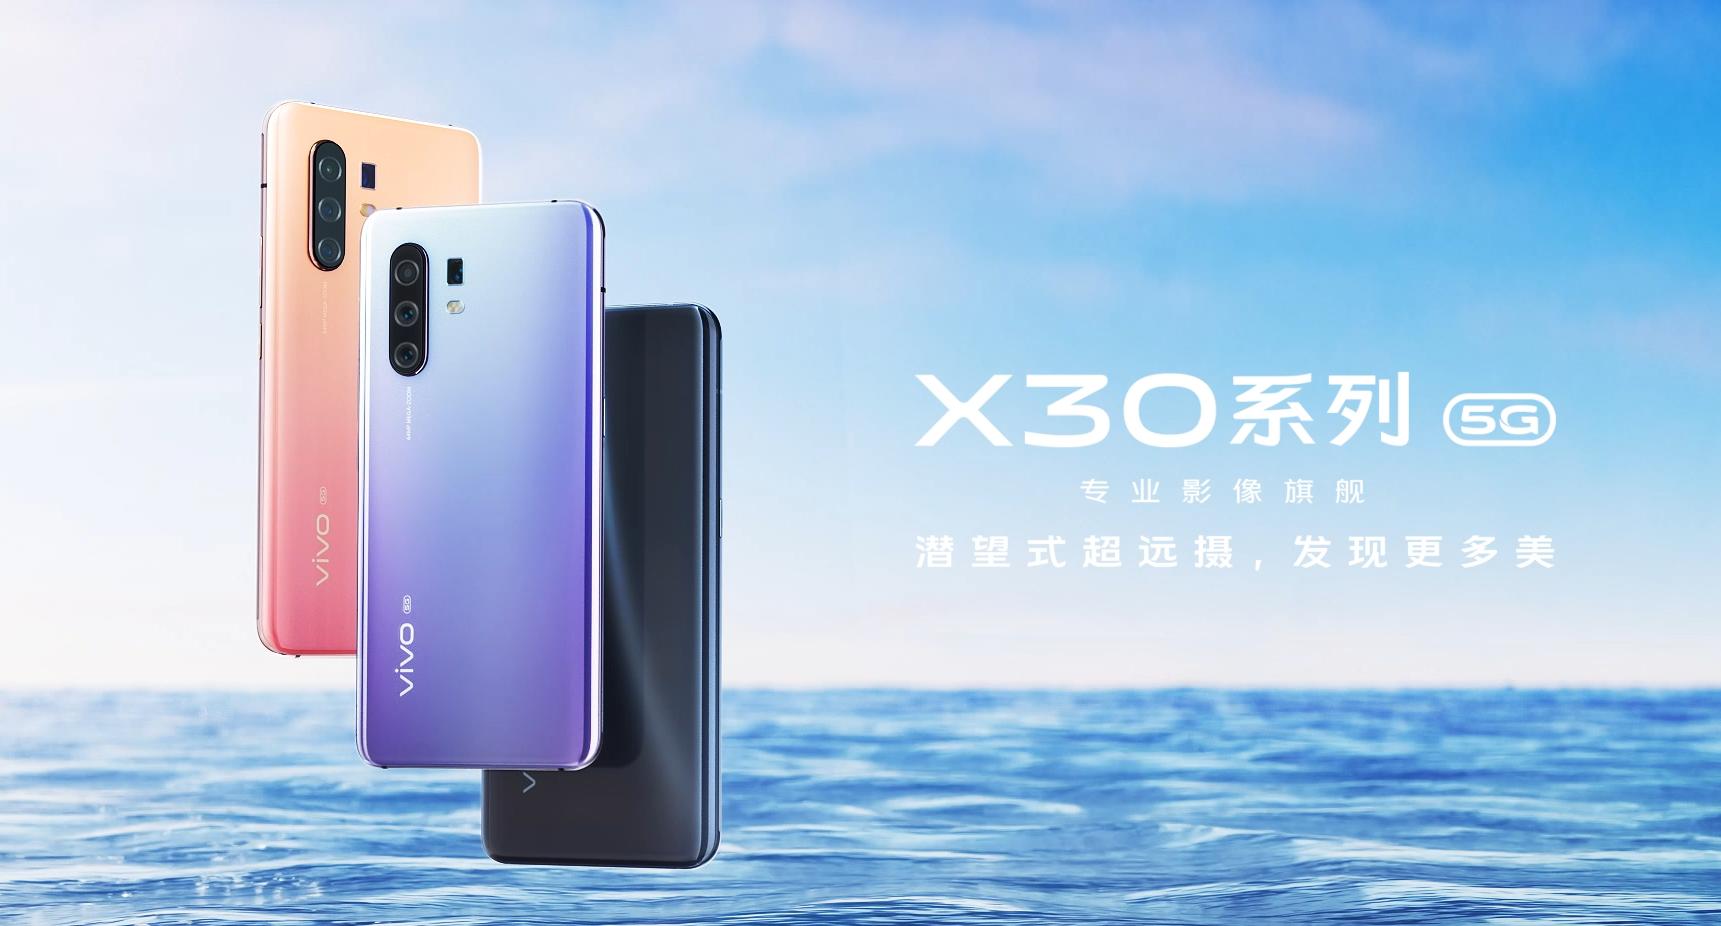 vivo X30系列产品上映,12月16日宣布公布,60倍调焦带你看看得更长远